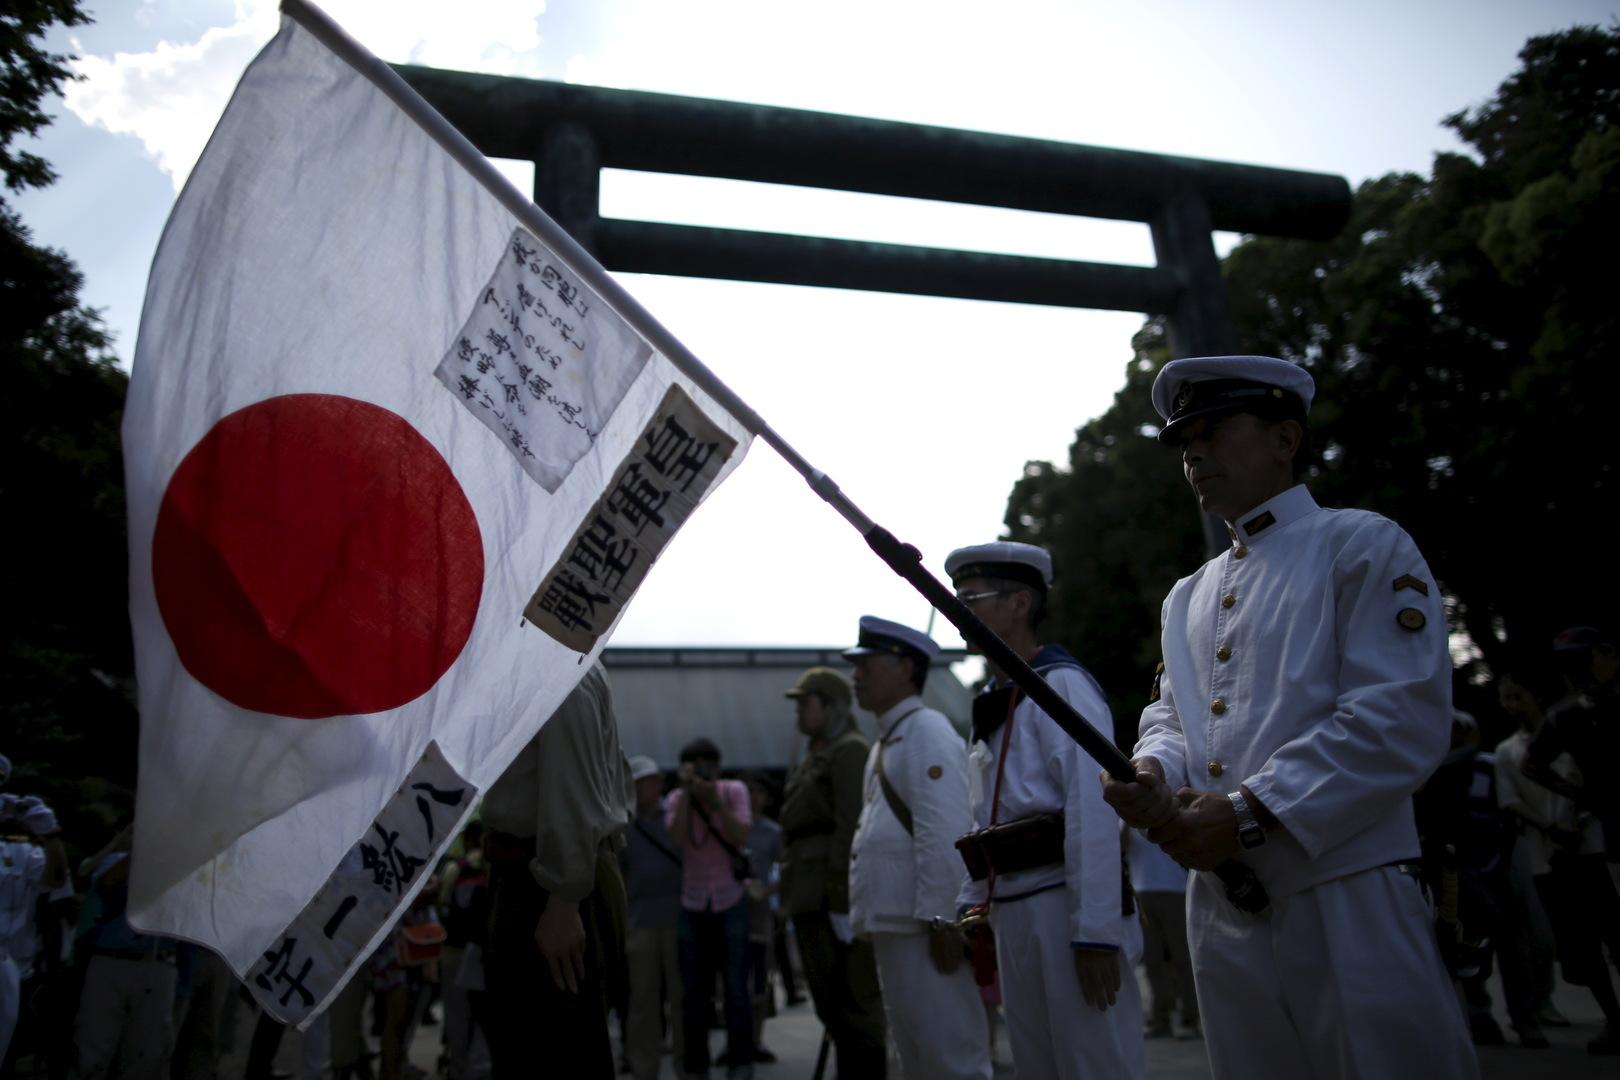 الحكومة اليابانية تقر ميزانية عسكرية قياسية تتجاوز 48 مليار دولار